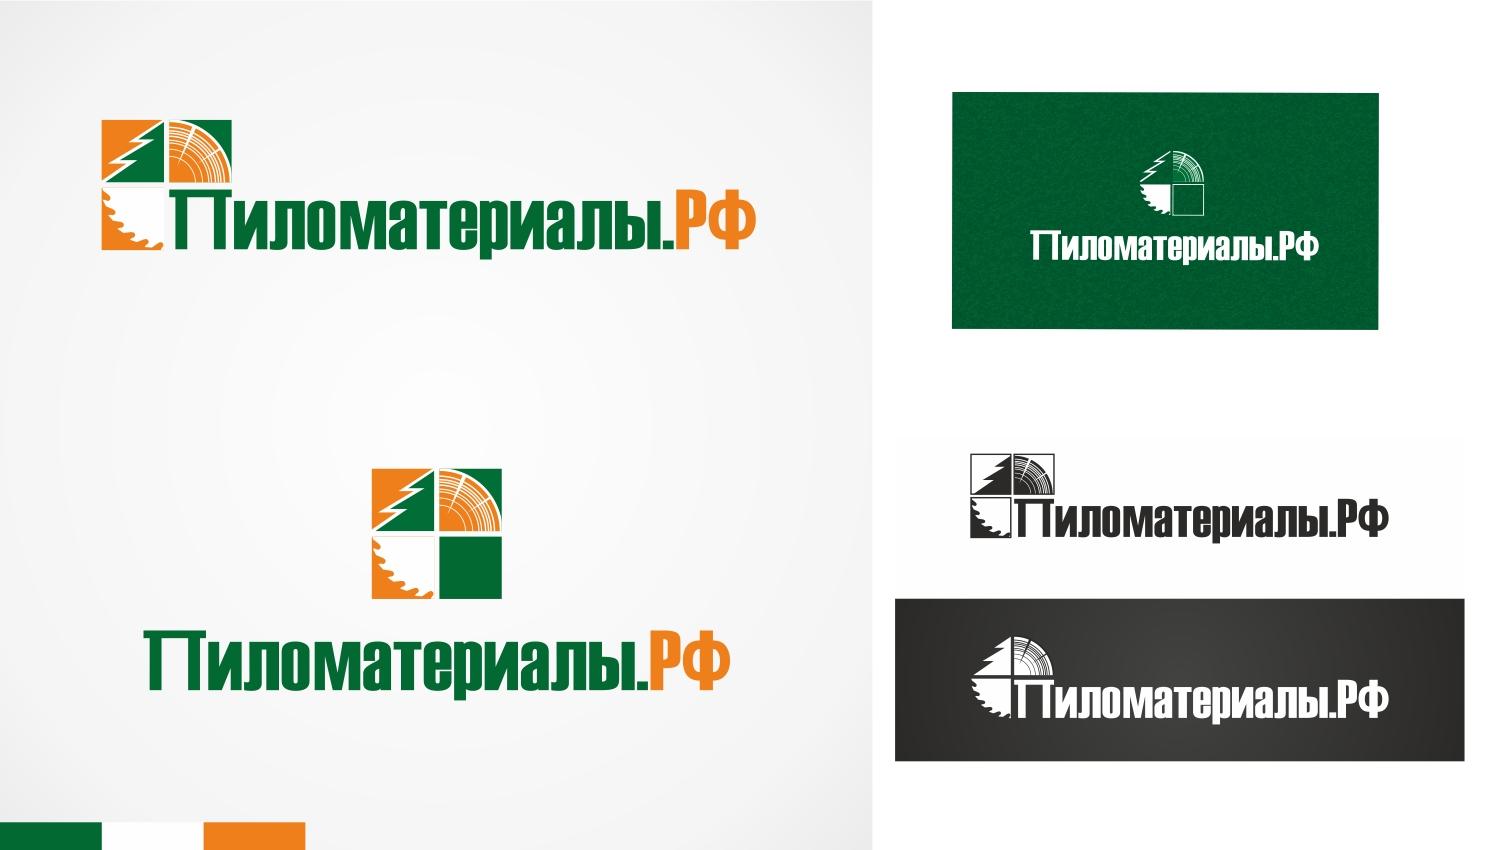 """Создание логотипа и фирменного стиля """"Пиломатериалы.РФ"""" фото f_33752fcca6d7ae0f.jpg"""